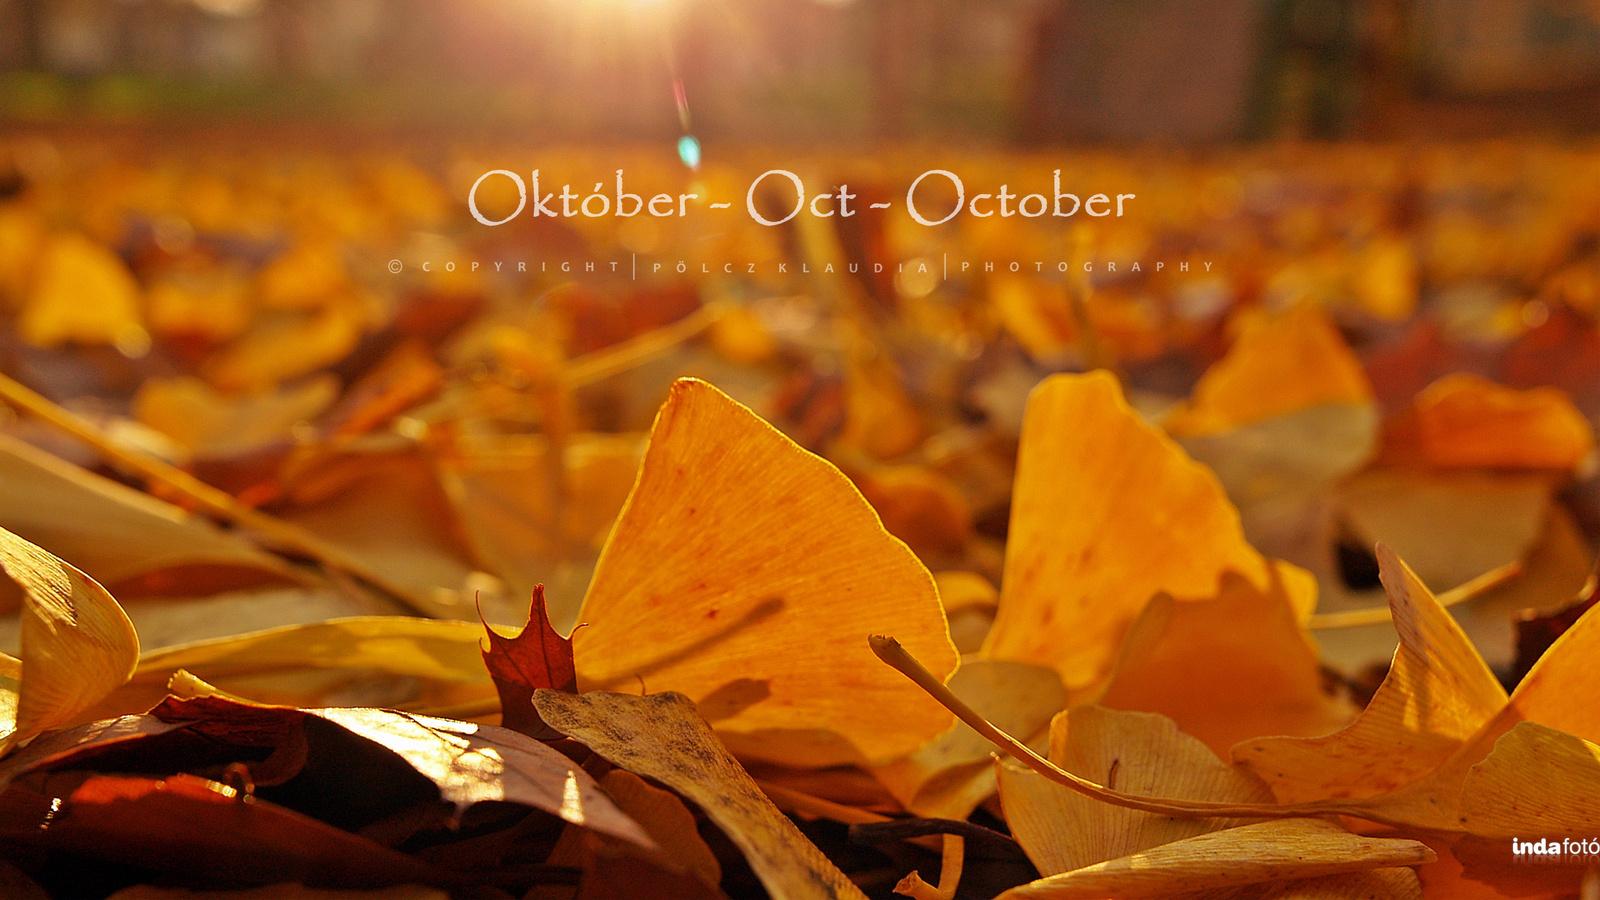 2015 október kisklau 2560x1440 (3)